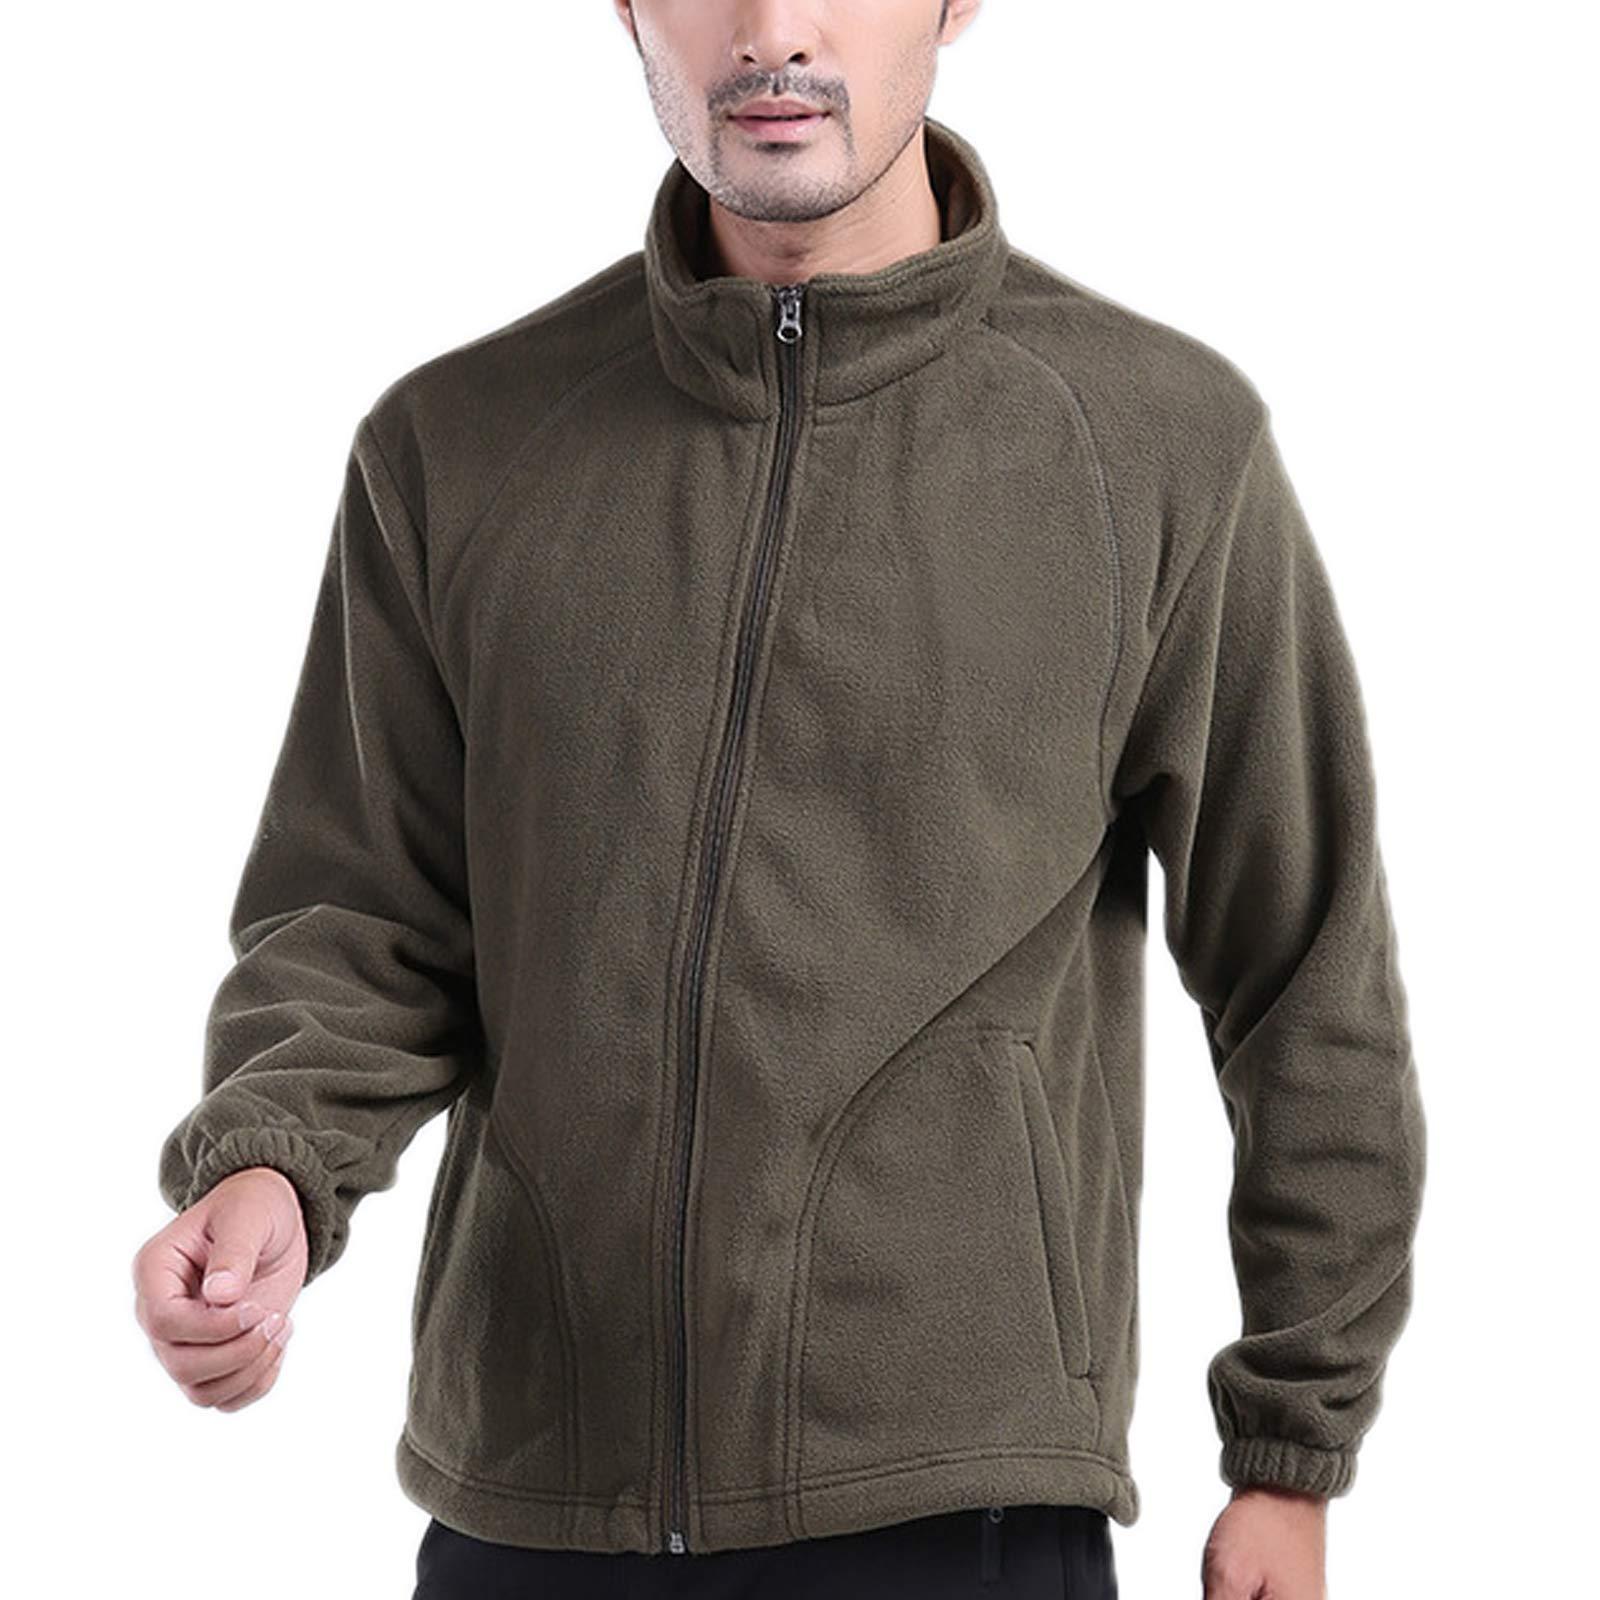 Elonglin Mens Fleece Jacket Full Zip Stand Collar Sportwear Top Outwear Dark Green Bust 46.8''(Asie XL) by Elonglin